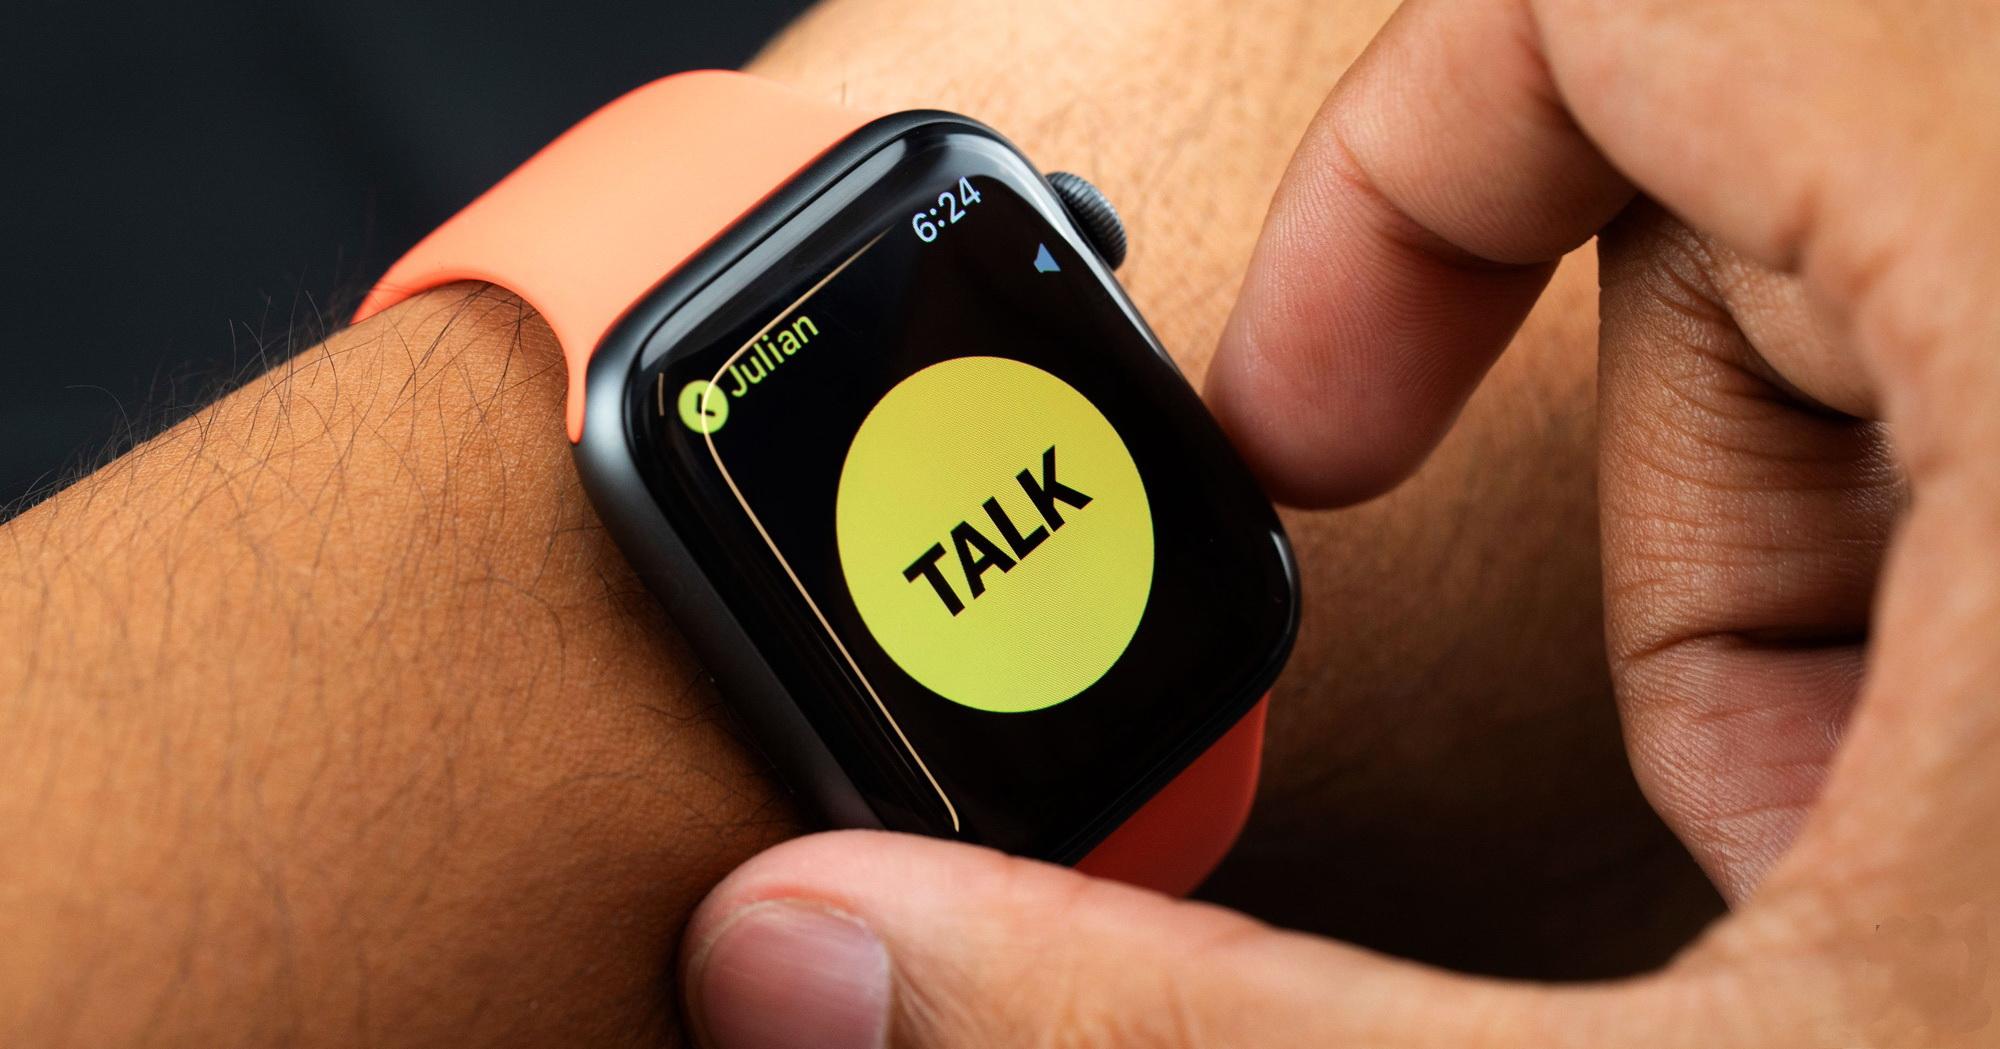 Walkie Talkie app on the Apple Watch